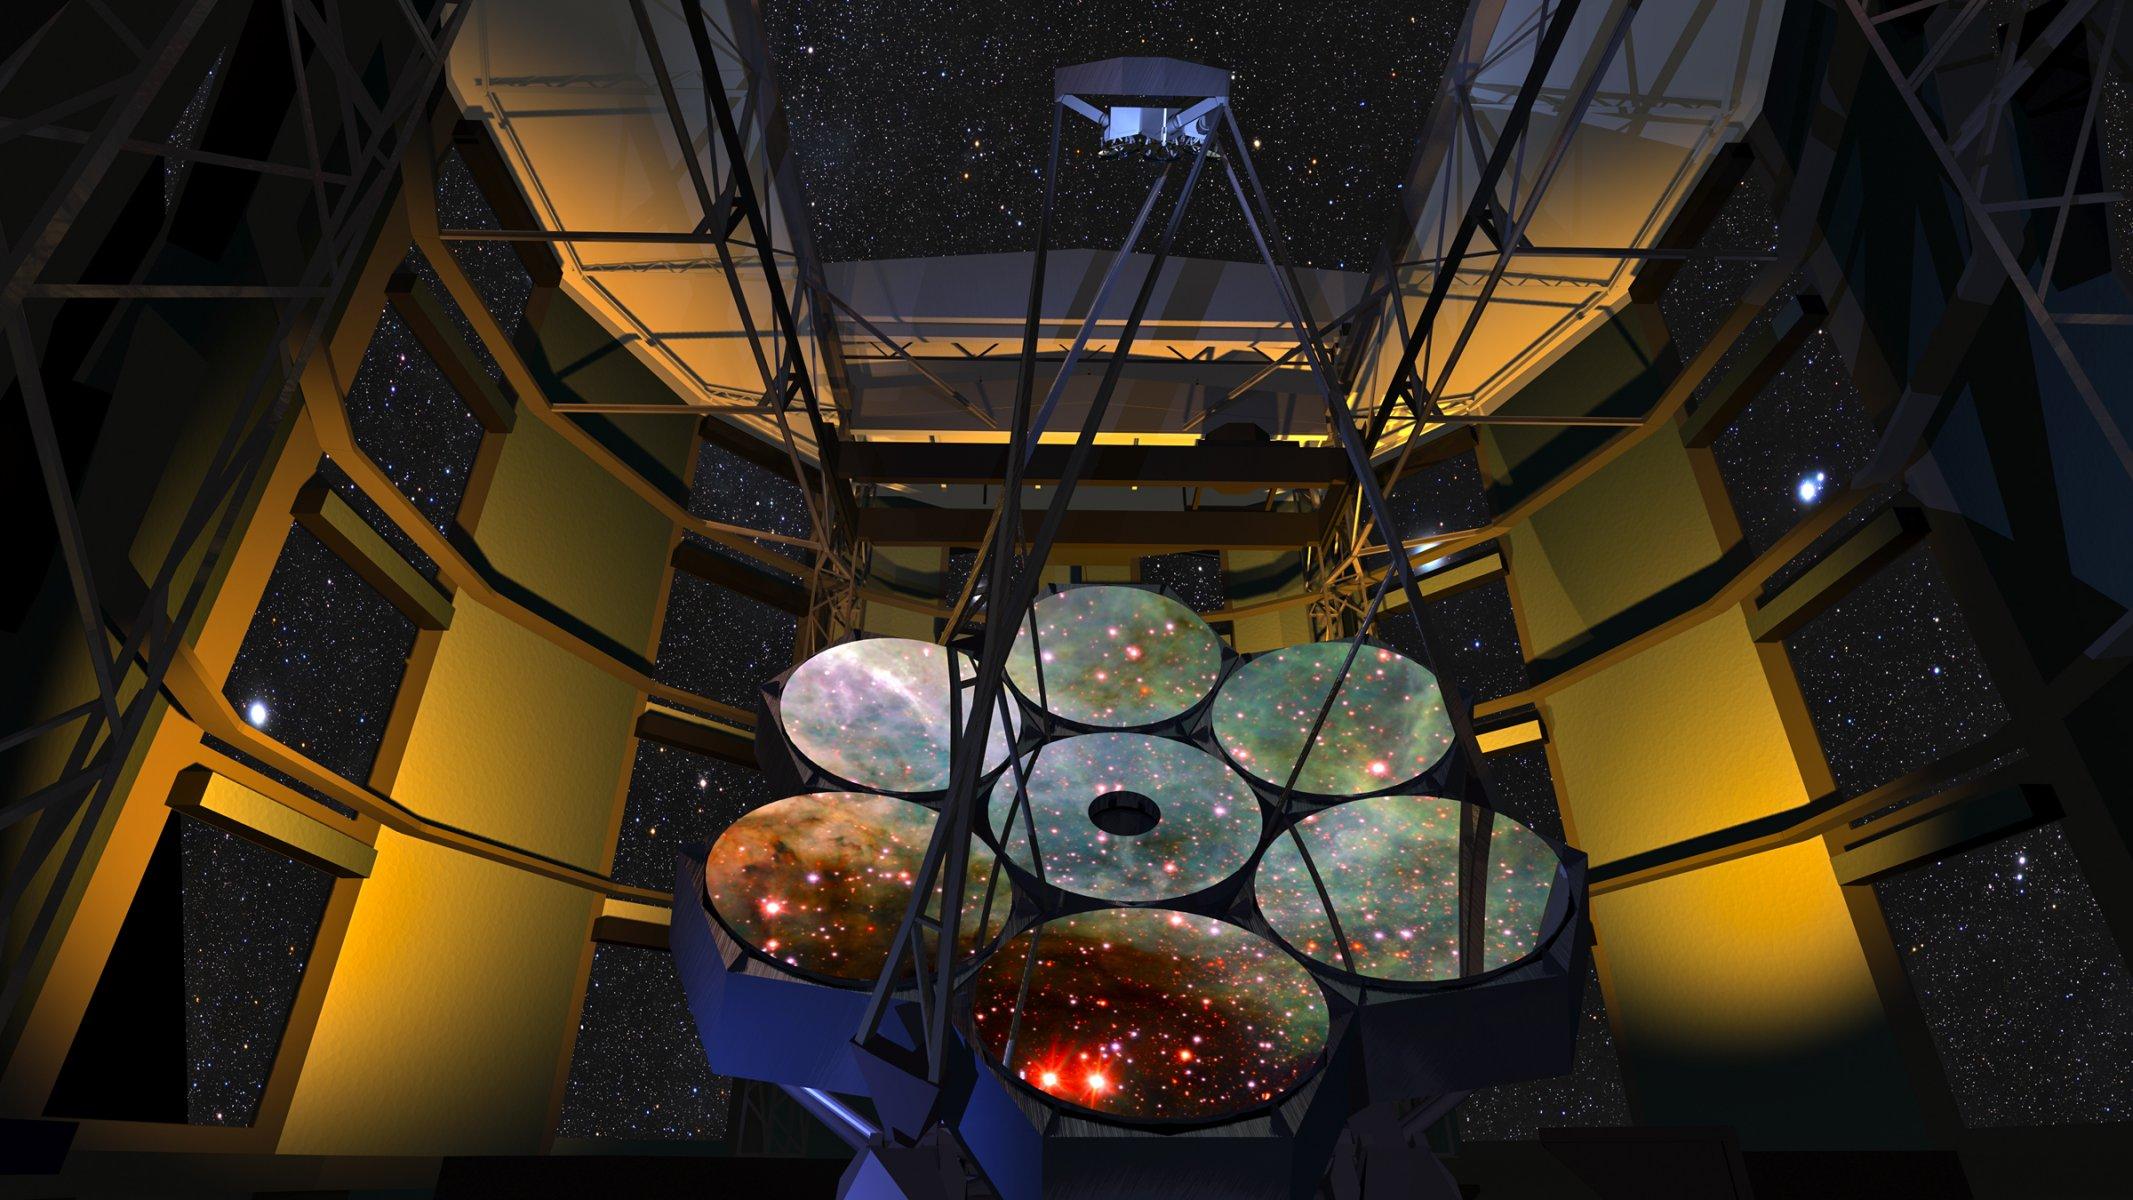 самые большие зеркала для телескопа